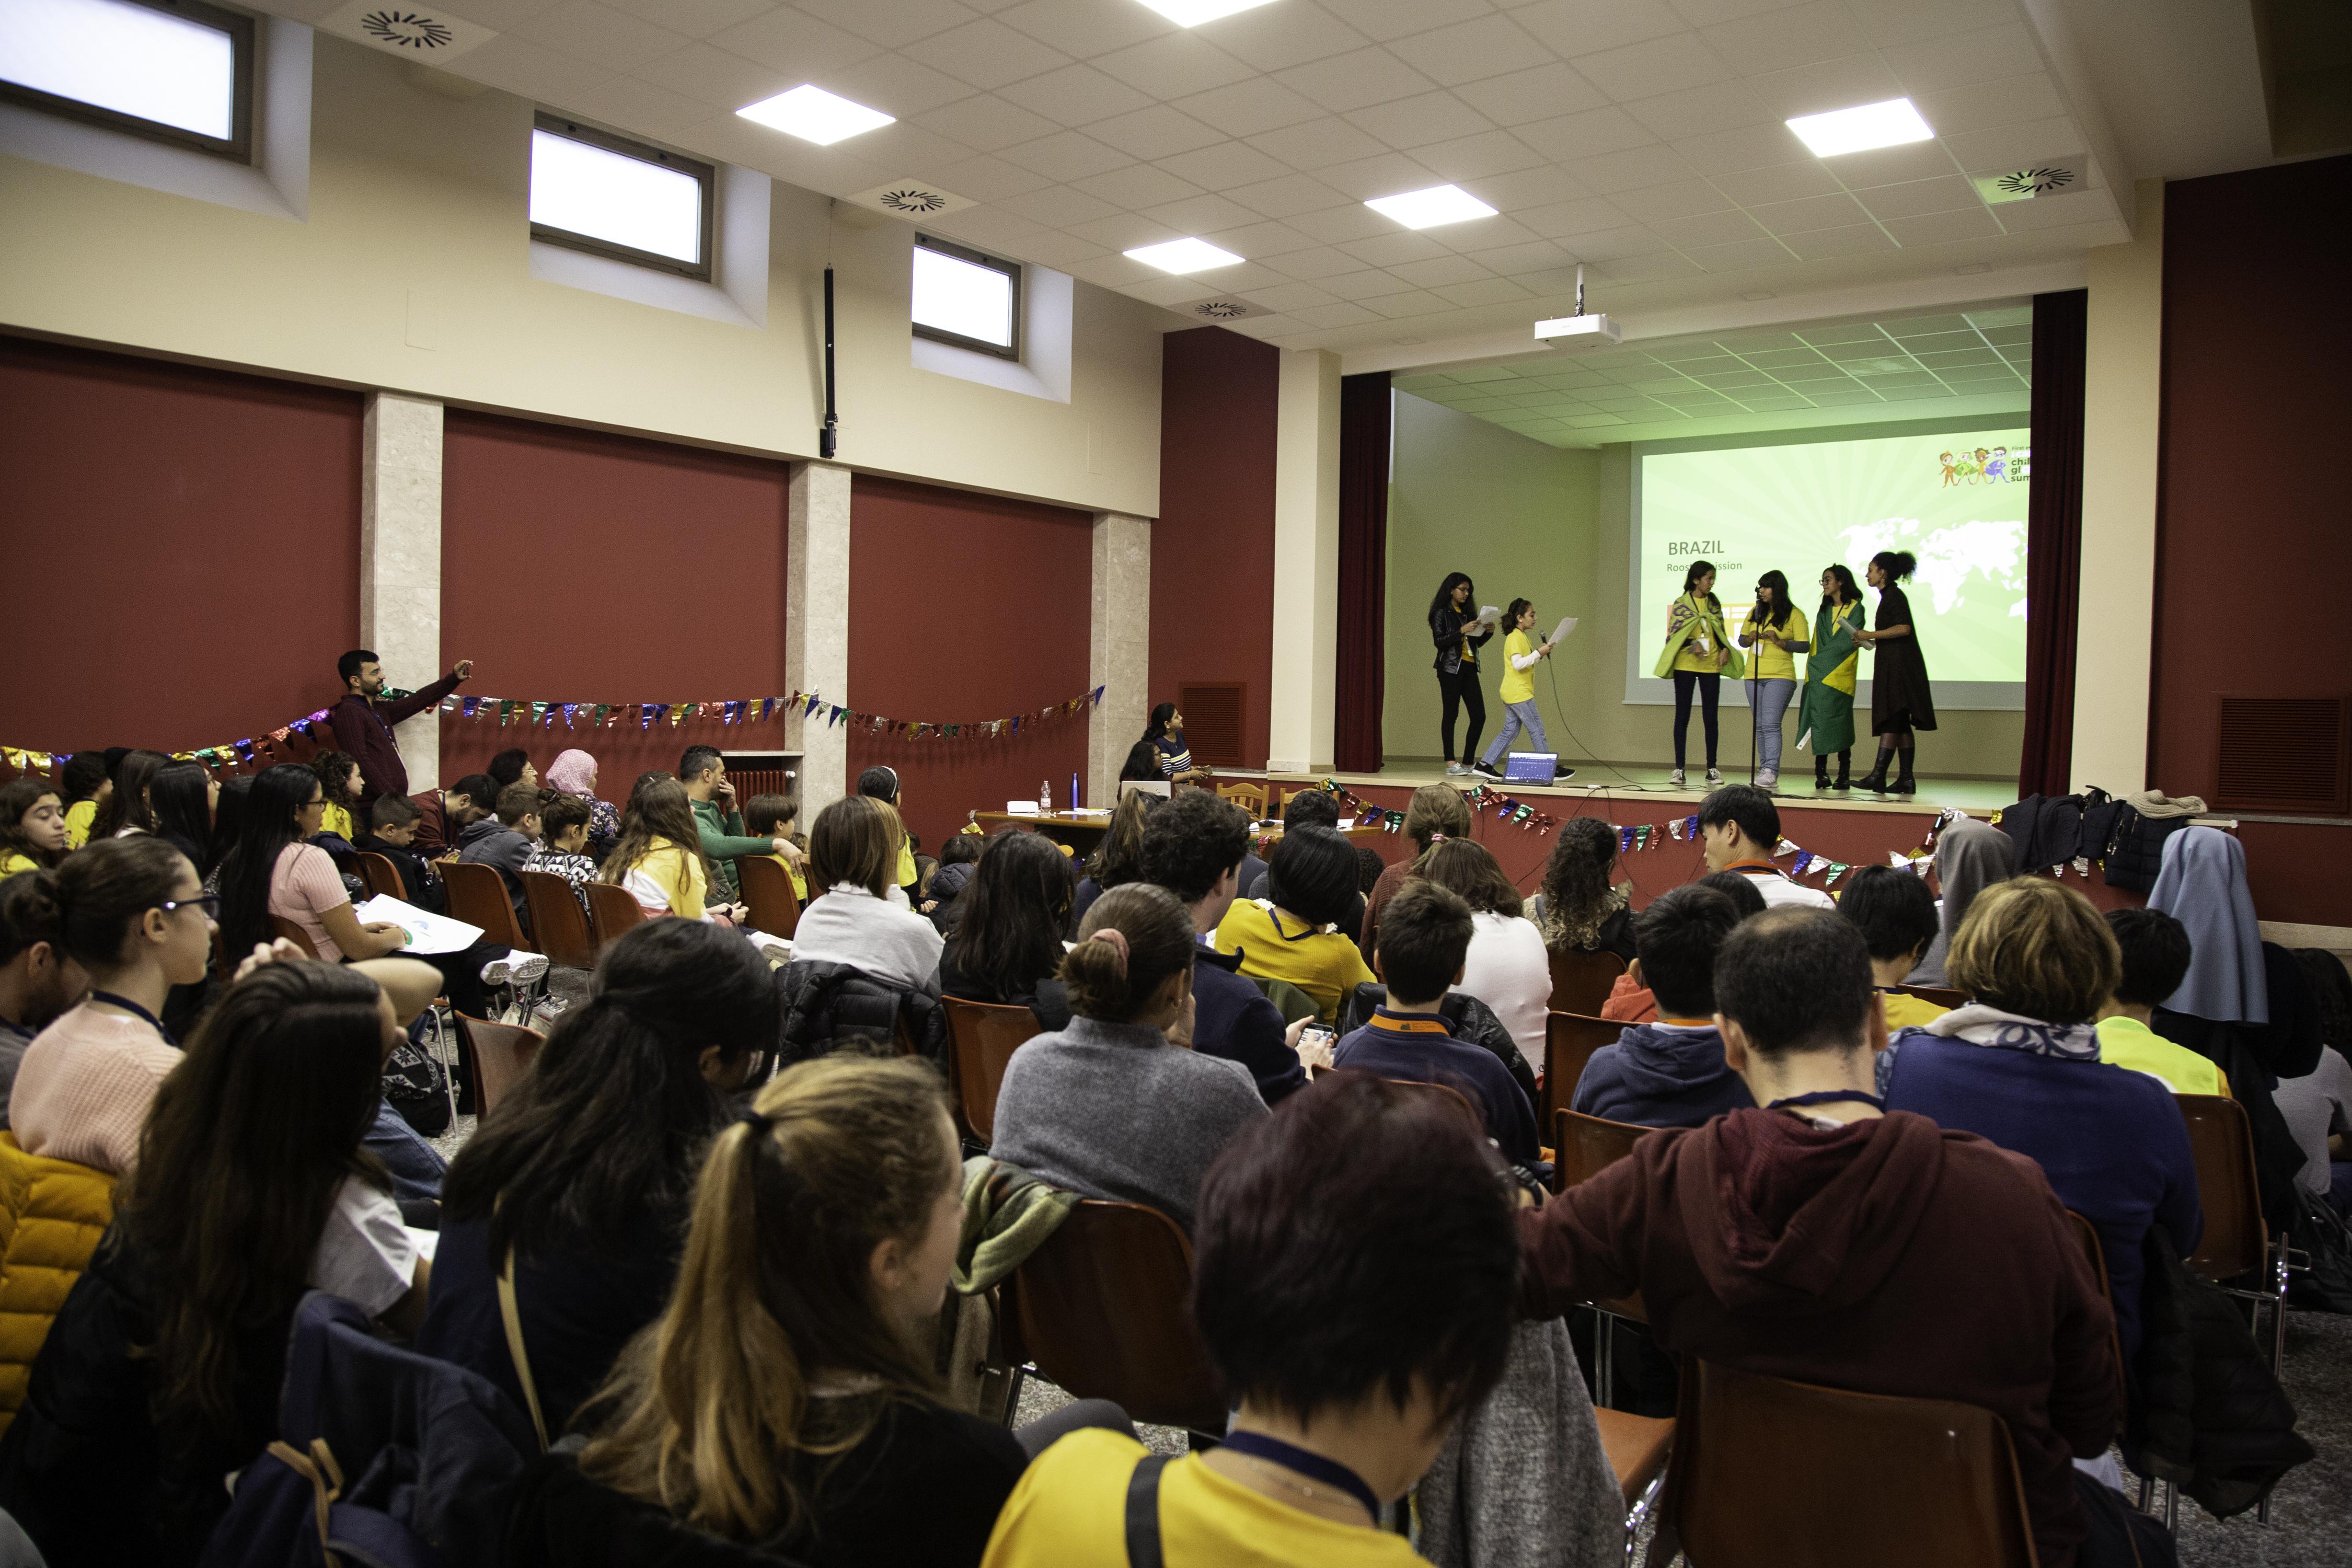 Representantes do Missão Galo apresentam o projeto para estudantes e educadores de vários países / Alícia Peres